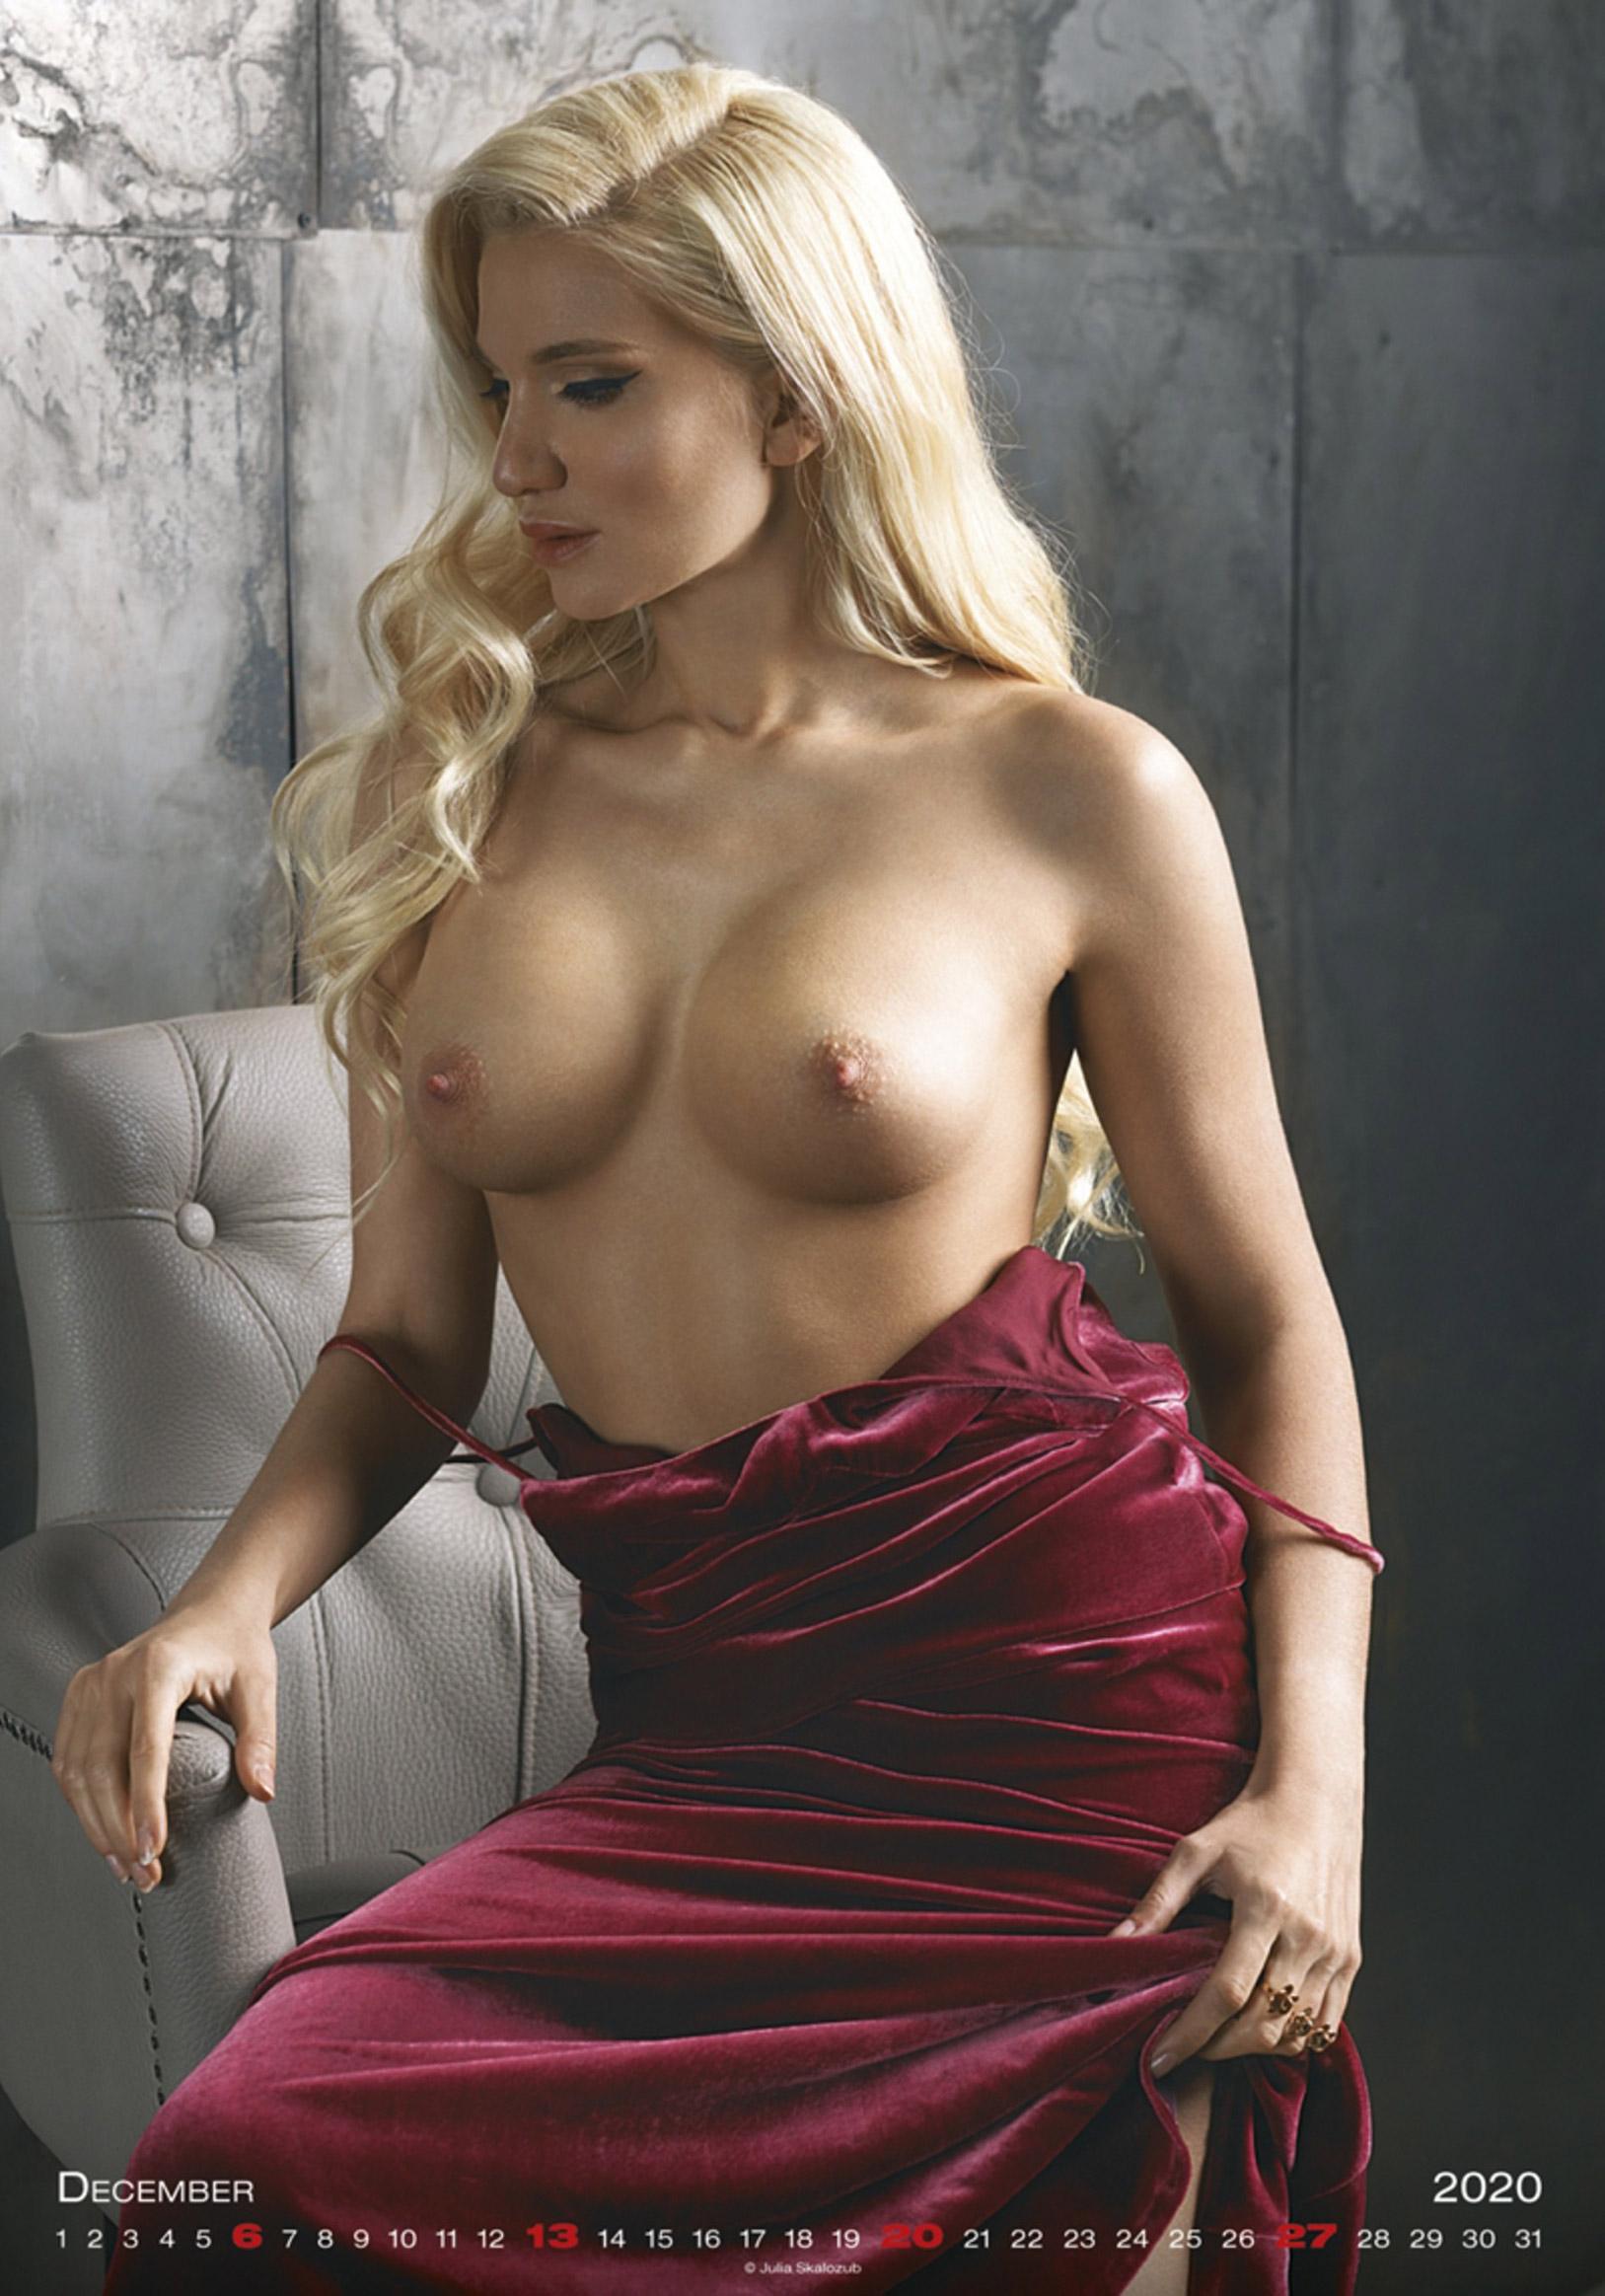 Сексуальные голые девушки в календаре на 2020 год, фотограф Юлия Скалозуб / декабрь